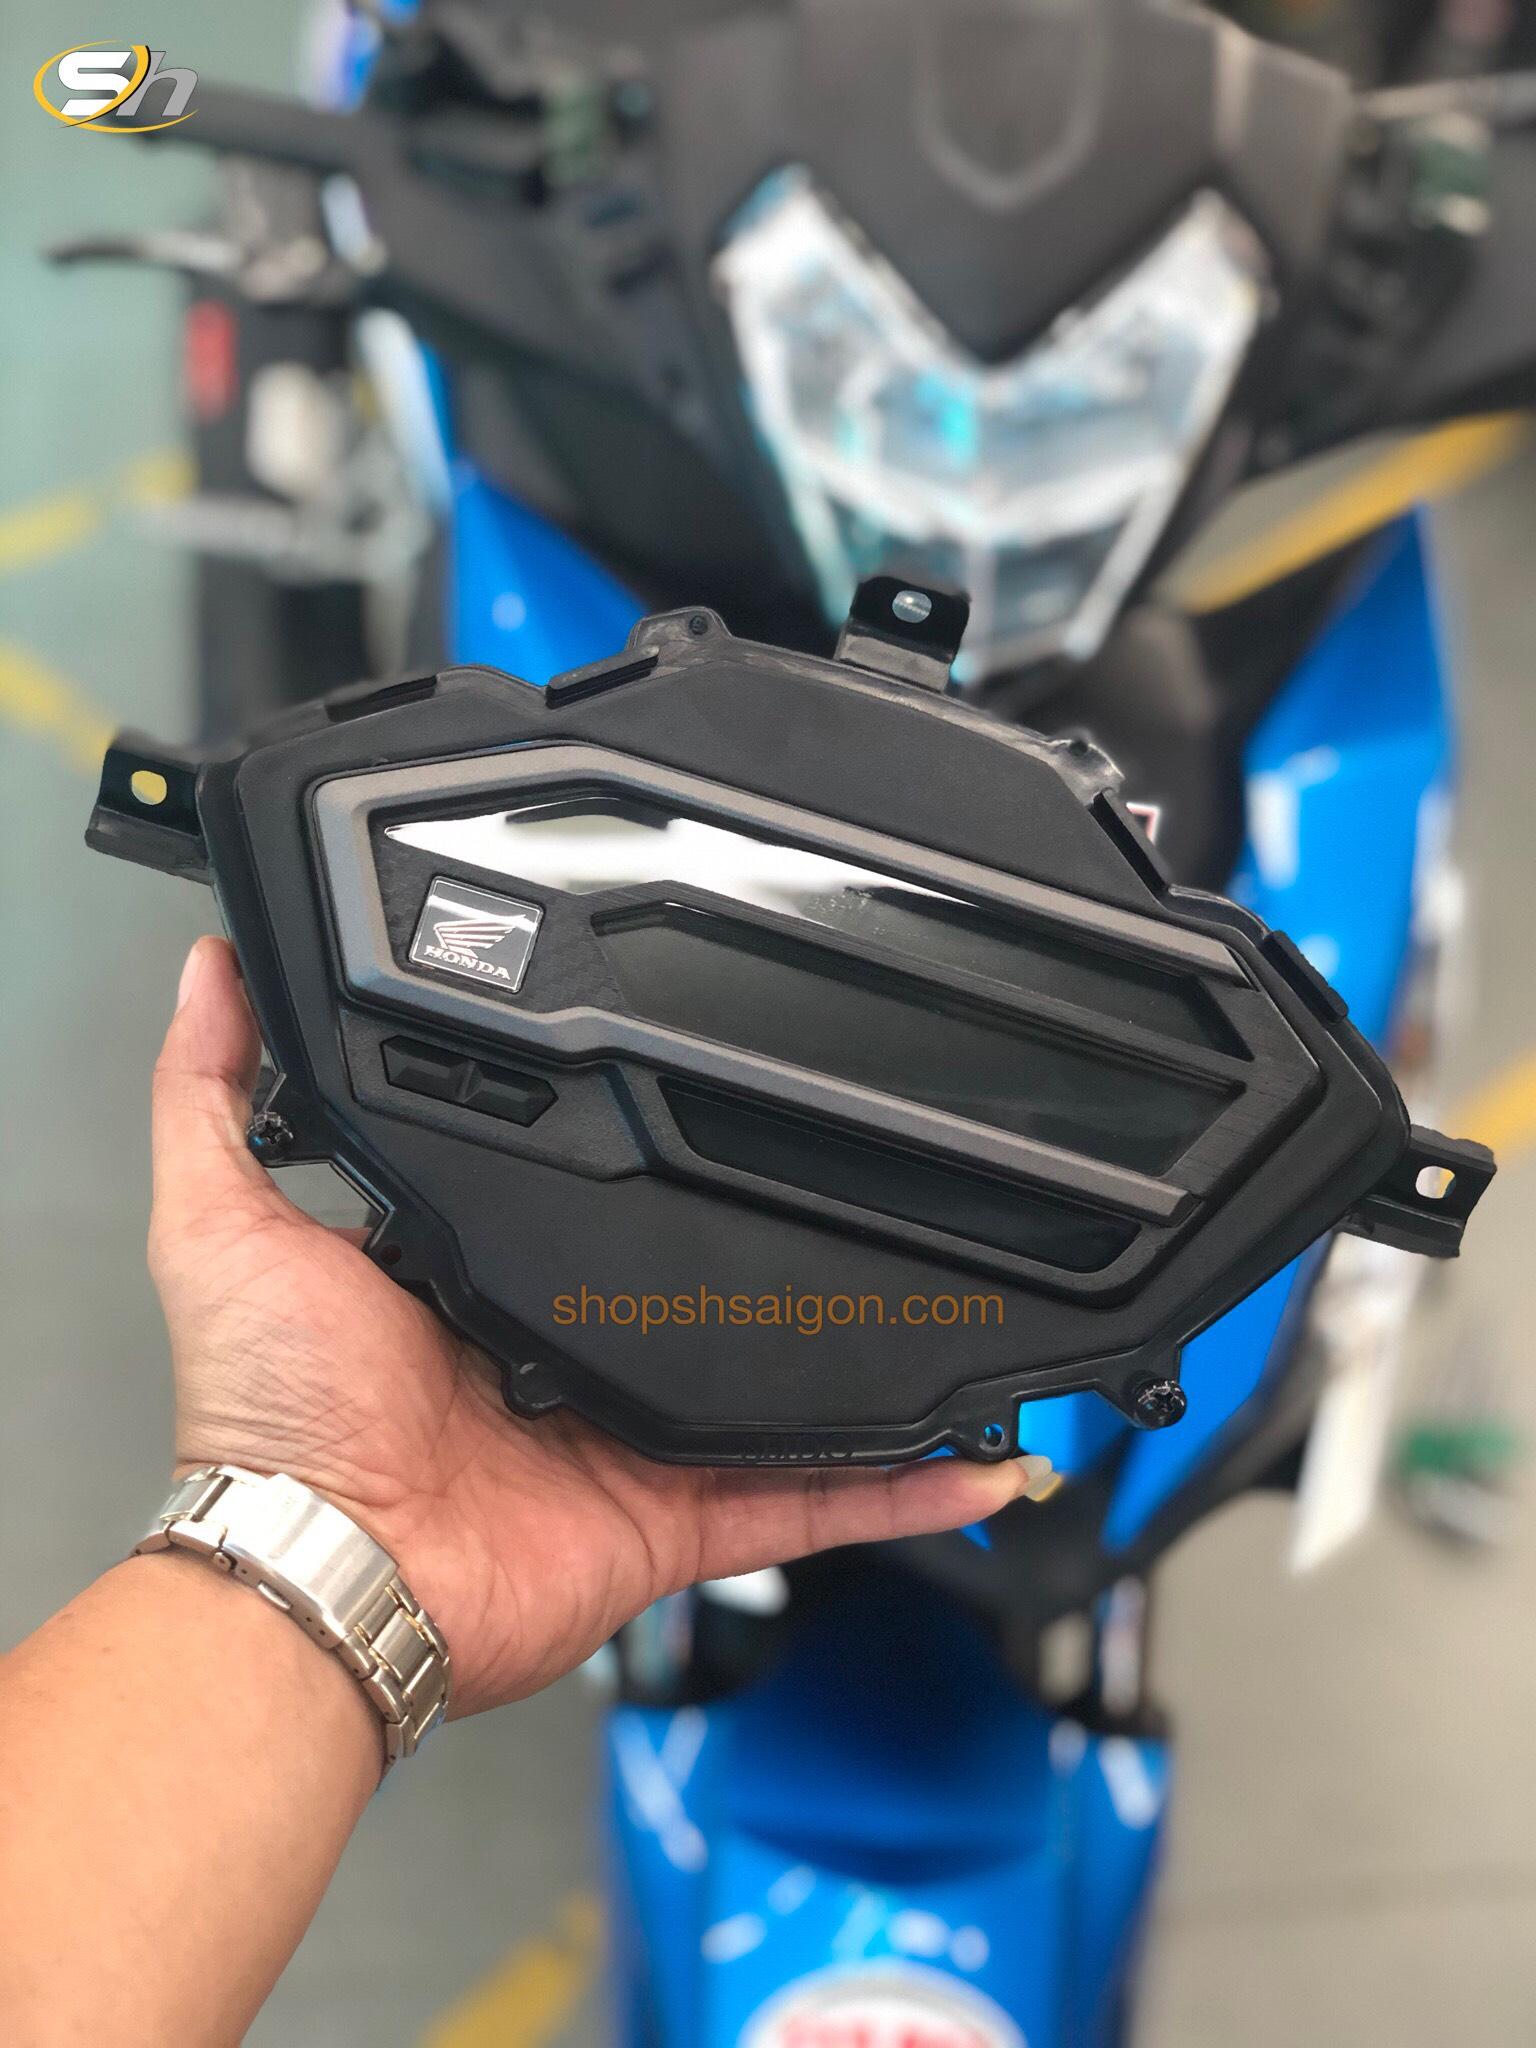 Bộ đồng hồ Winner X gắn cho Winner V1/ RS150R/ Supra GTS 3